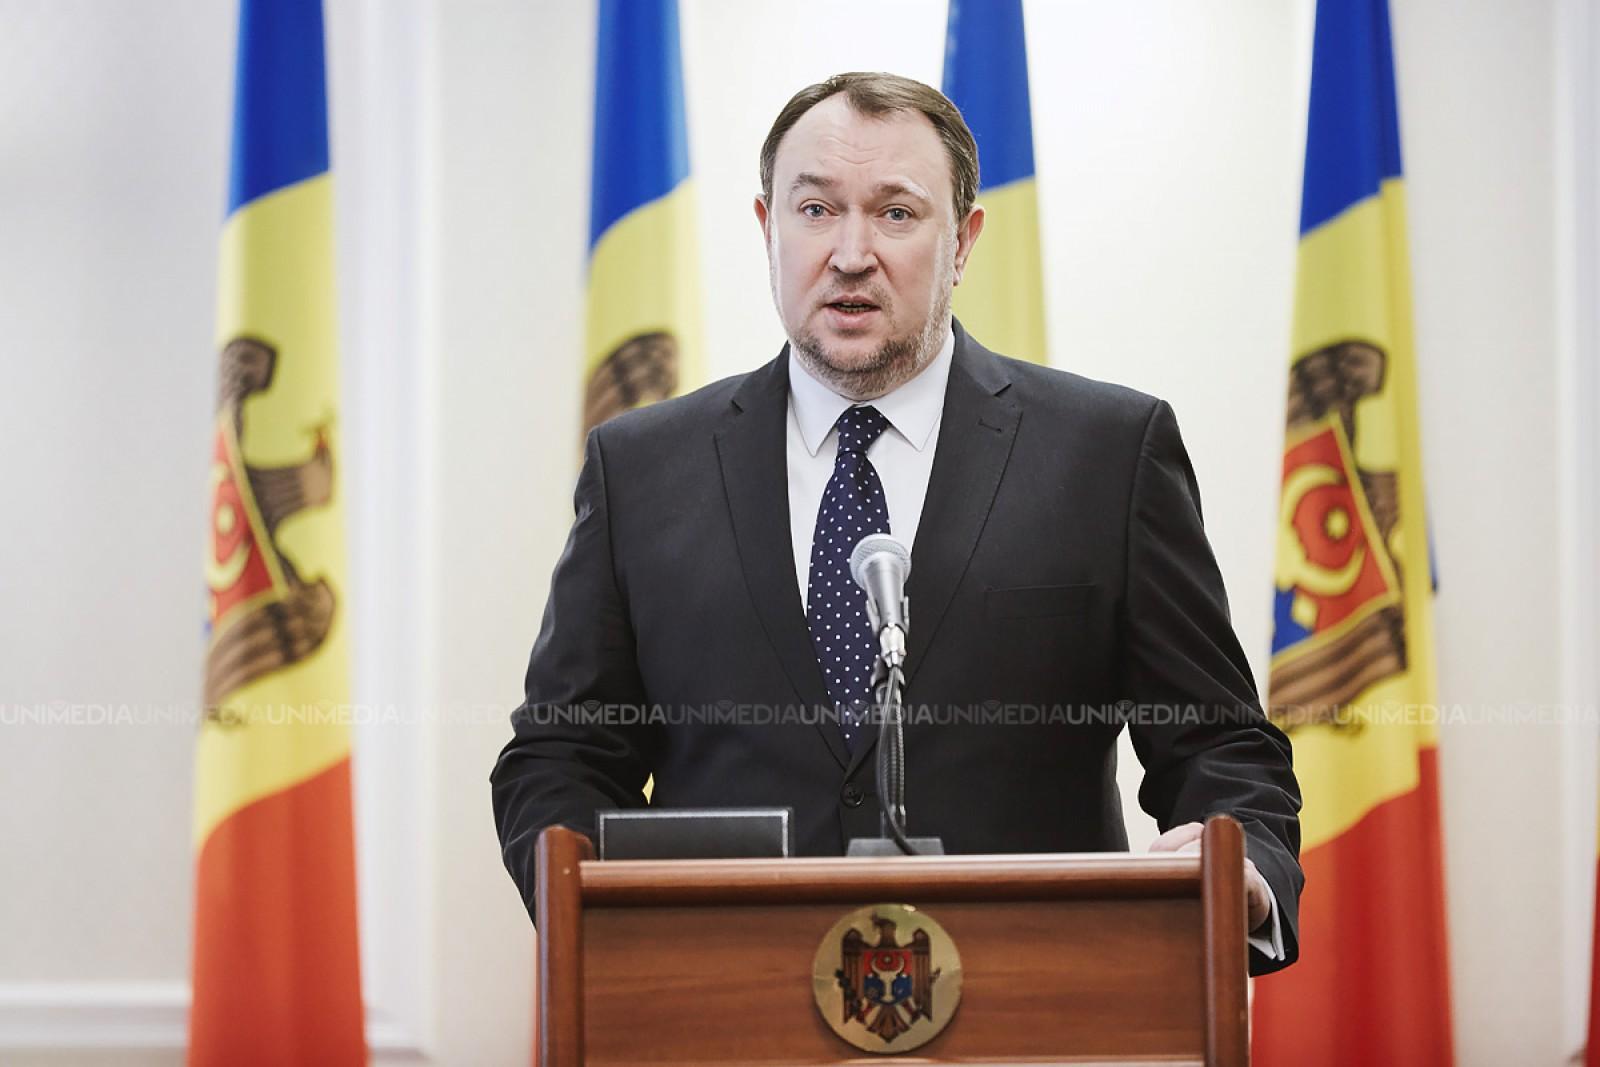 Alexandru Tănase și-a anunțat demisia din funcția de ministru al Justiției